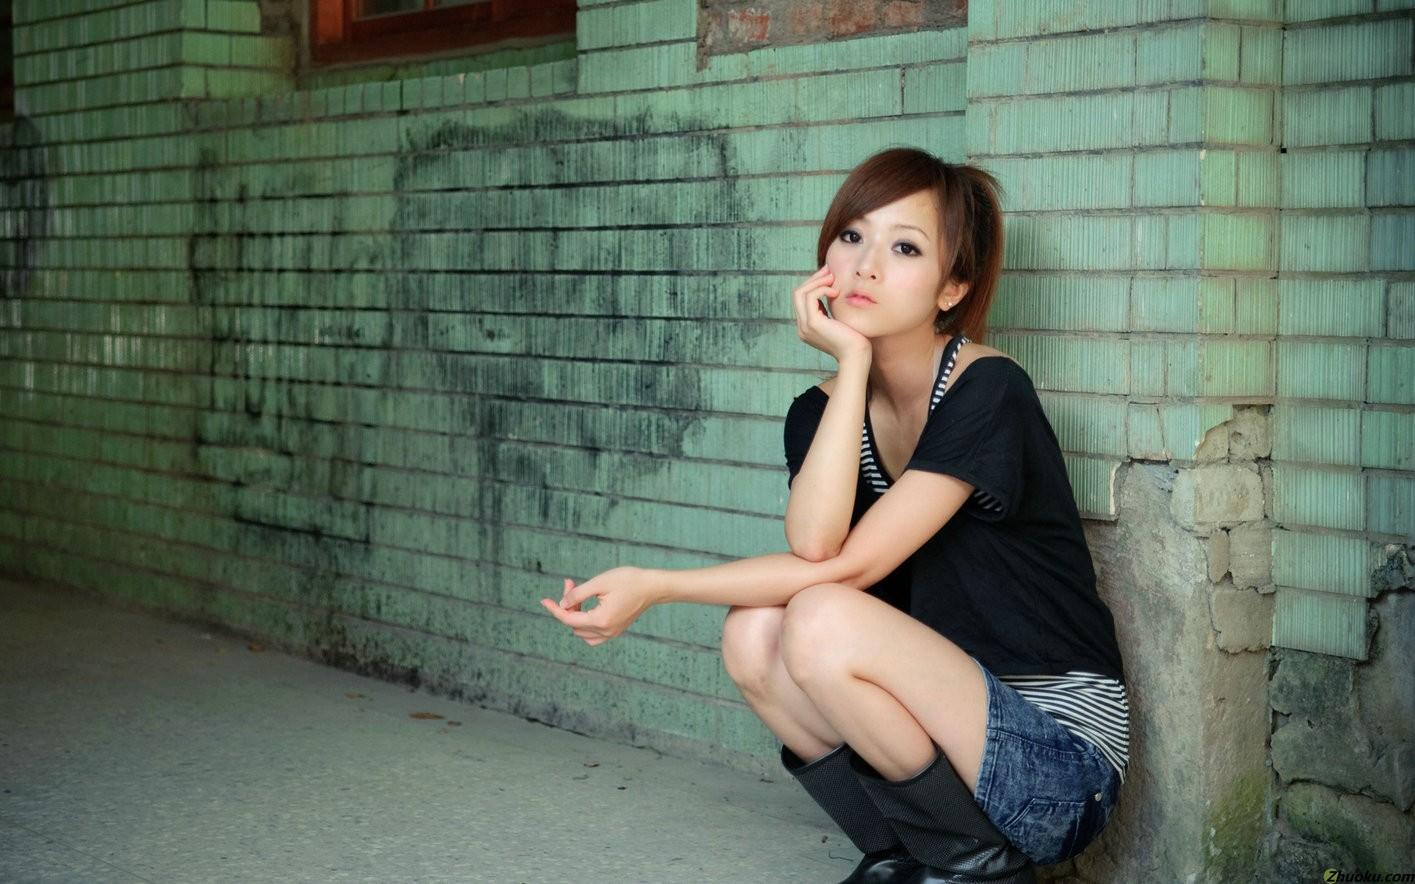 Фото японок на корточках